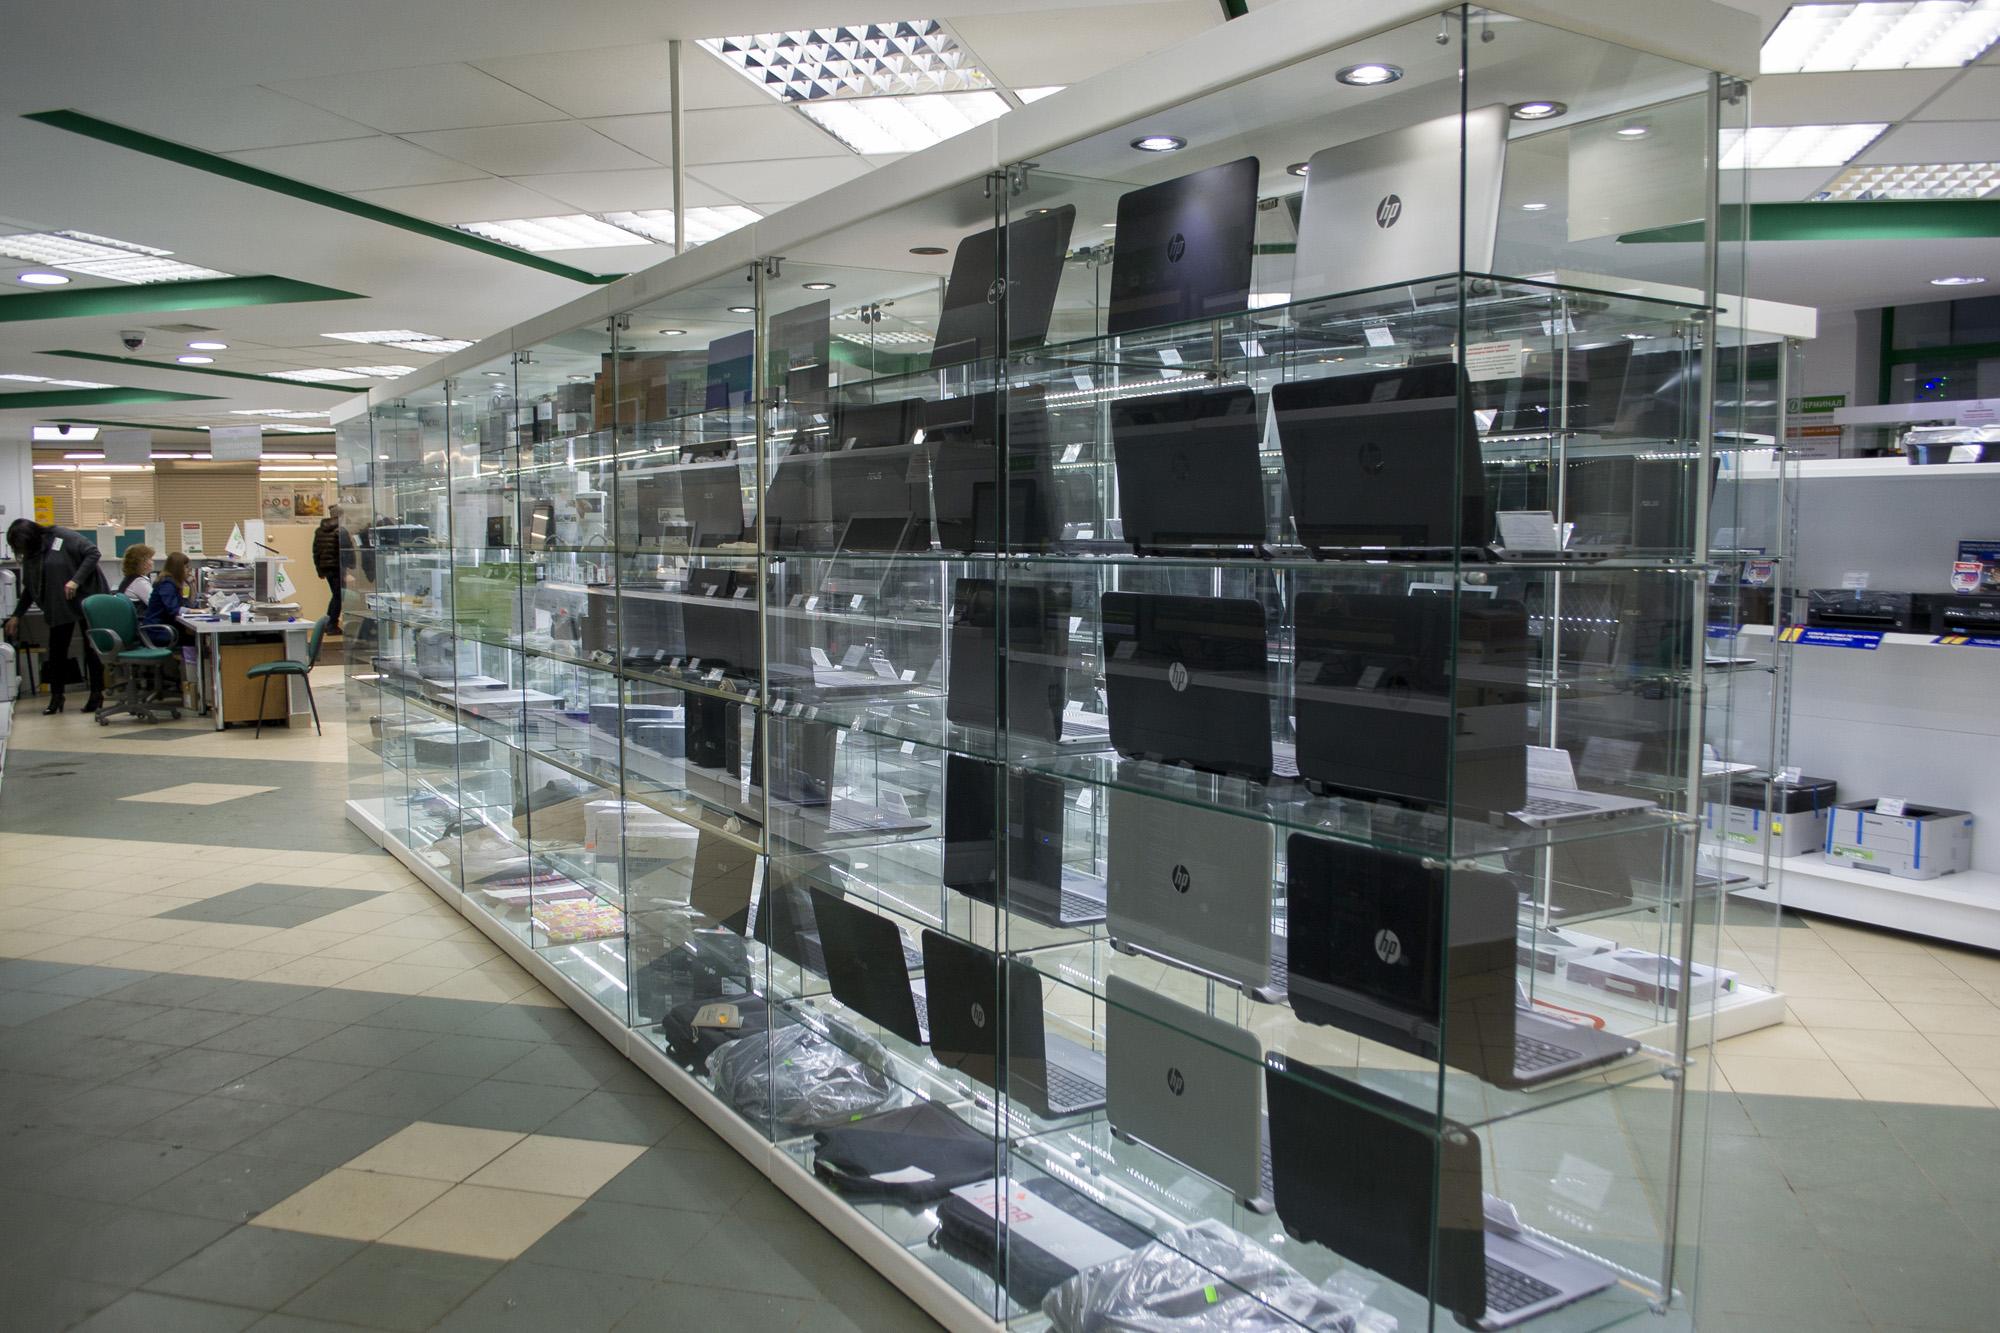 Компьютерная компания ф-центр в москве